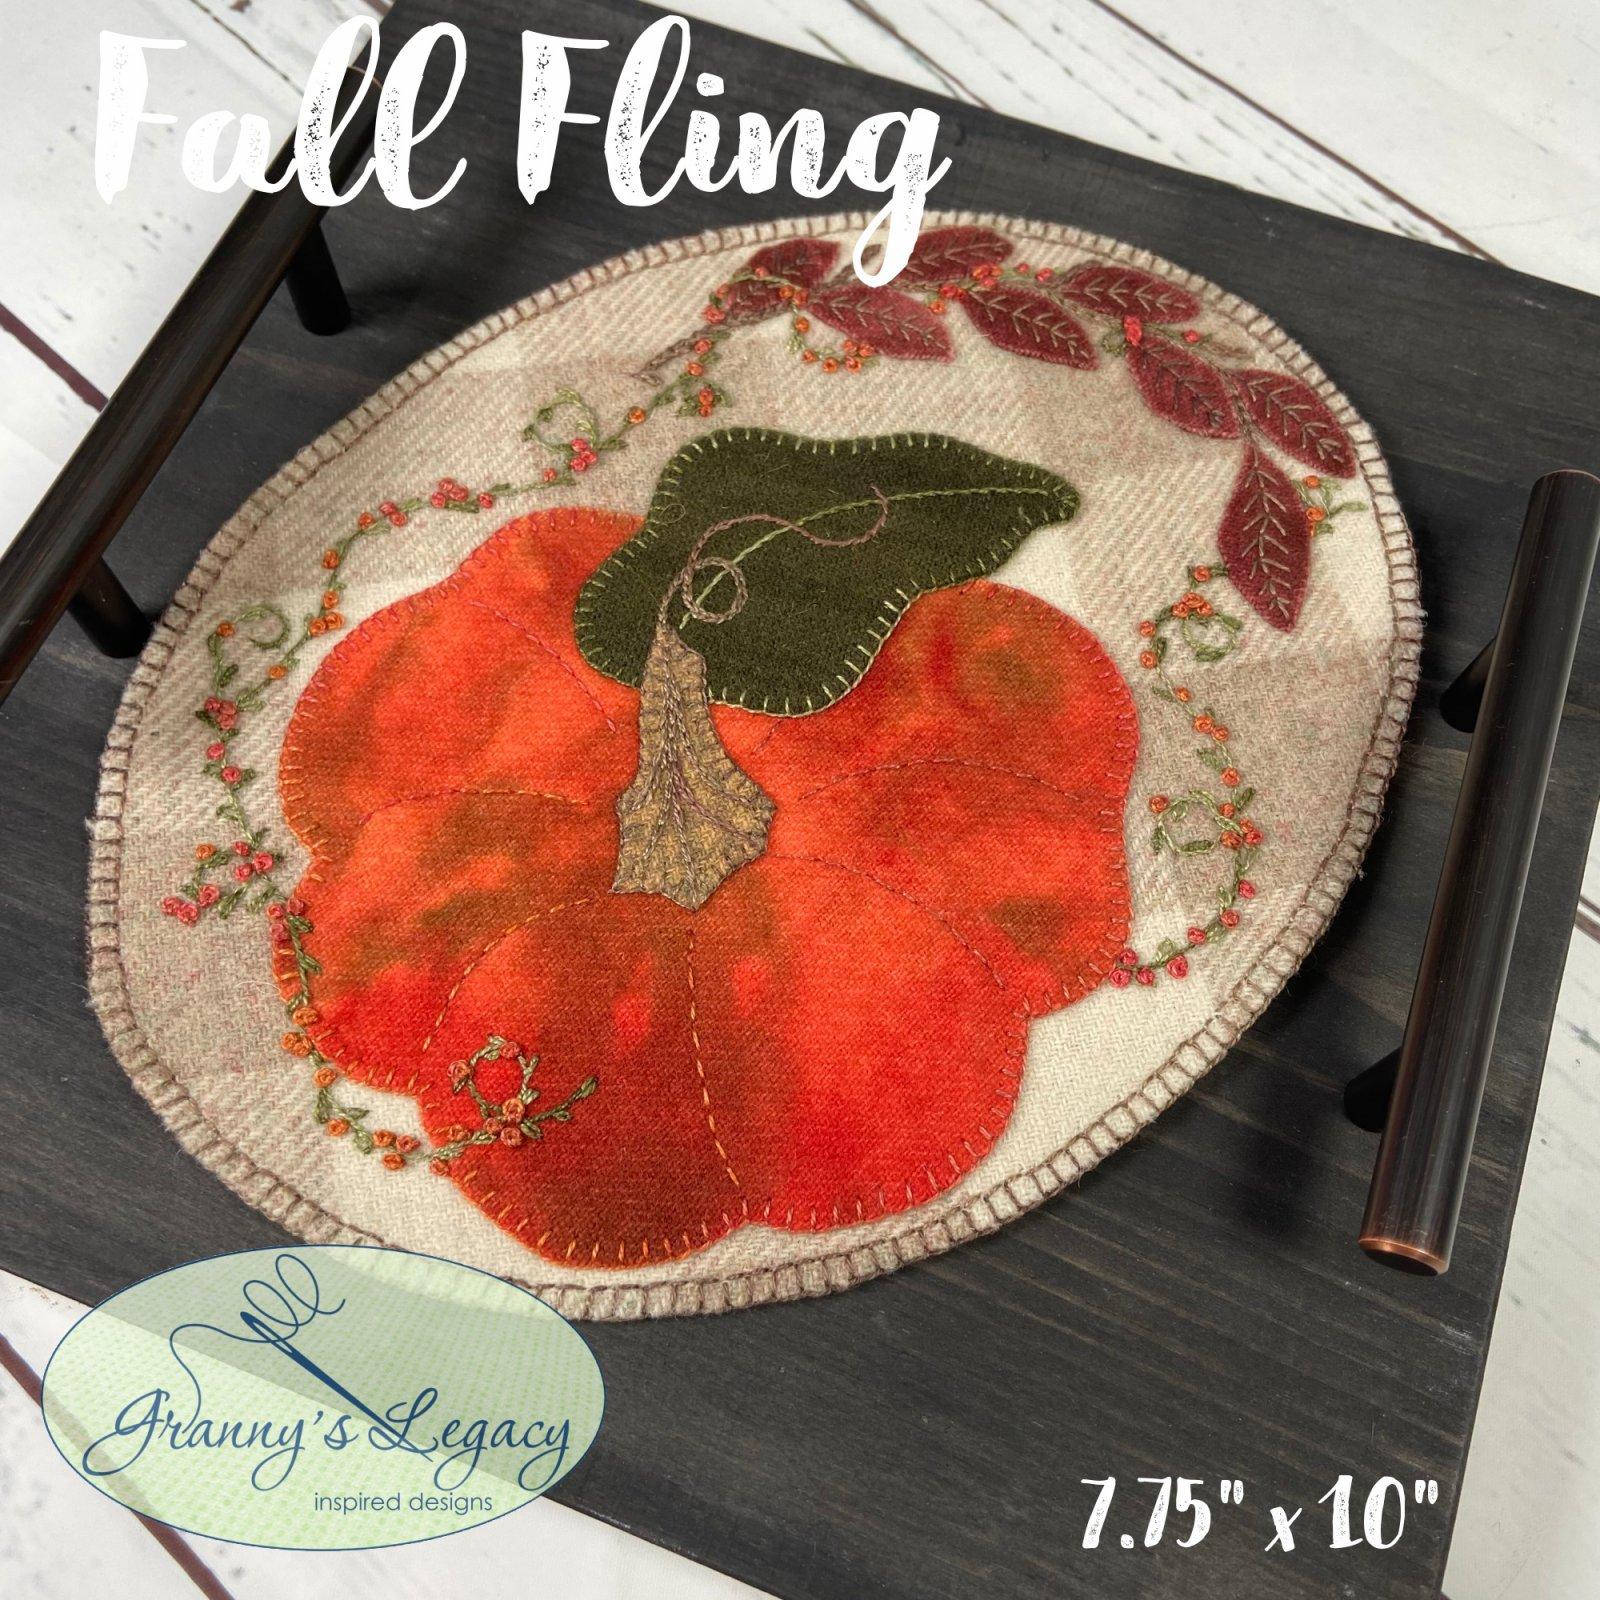 Fall Fling - Kit & Threads